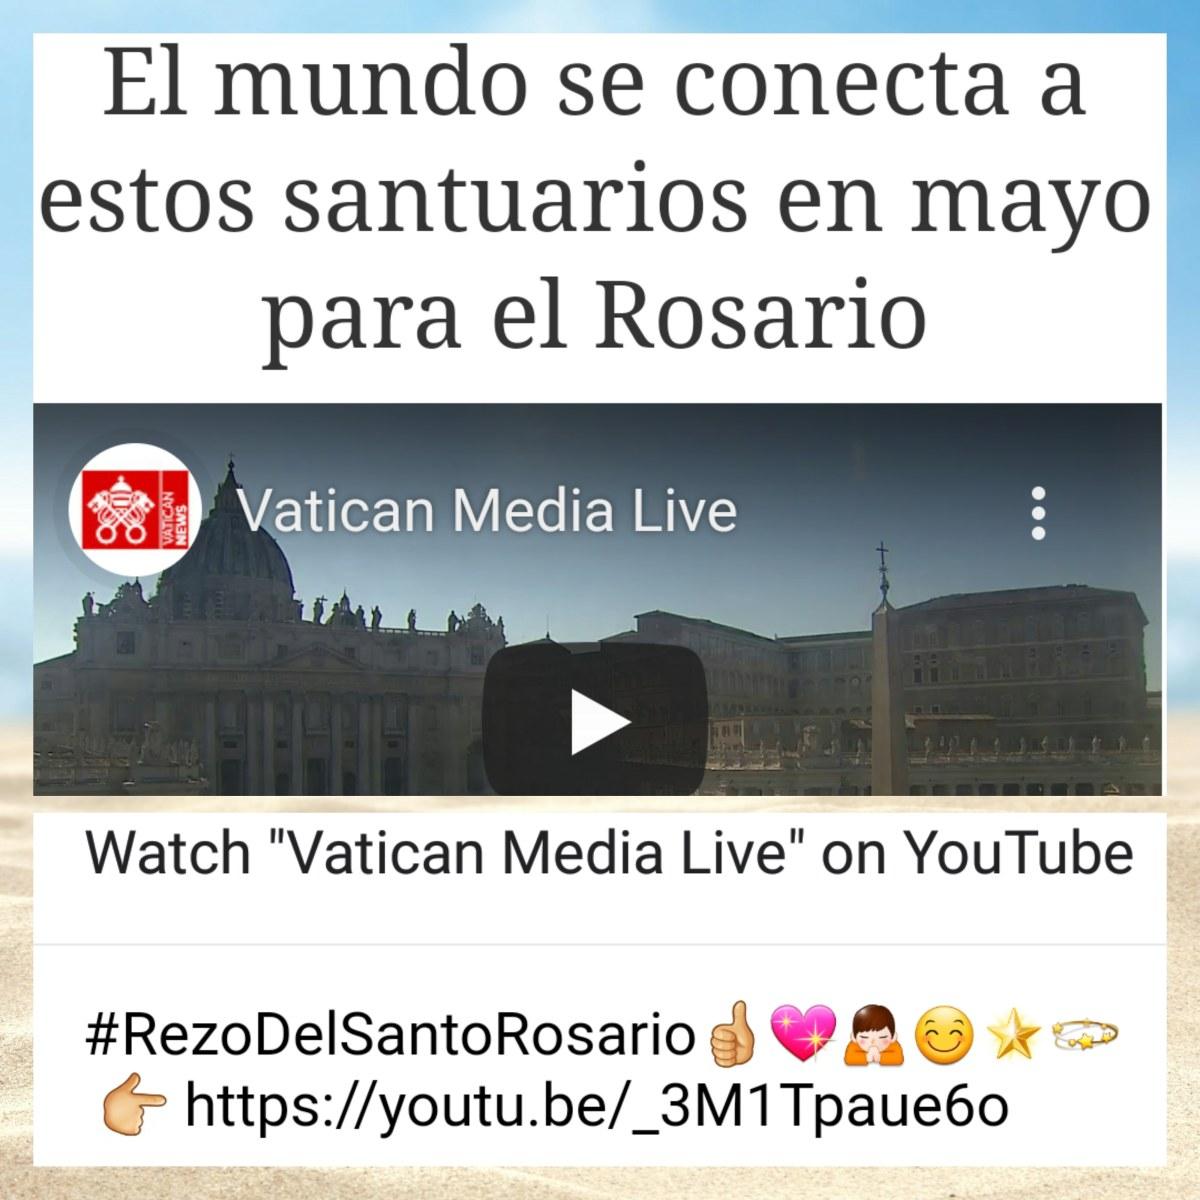 ¡El mundo se conecta a estos Santuarios en mayo para el Rosario!… ?????? – Cumple tu misión de vida!…